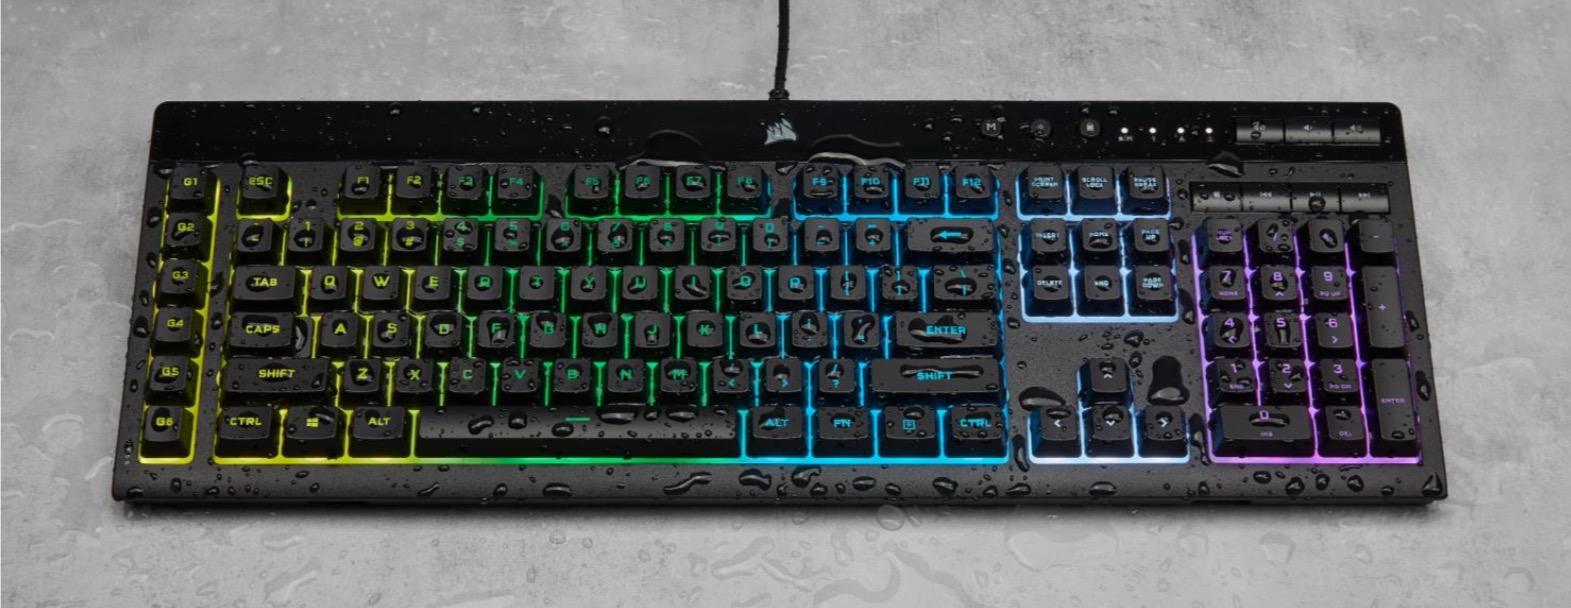 Corsair K55 RGB Pro XT Keyboard Review - General Tech 15